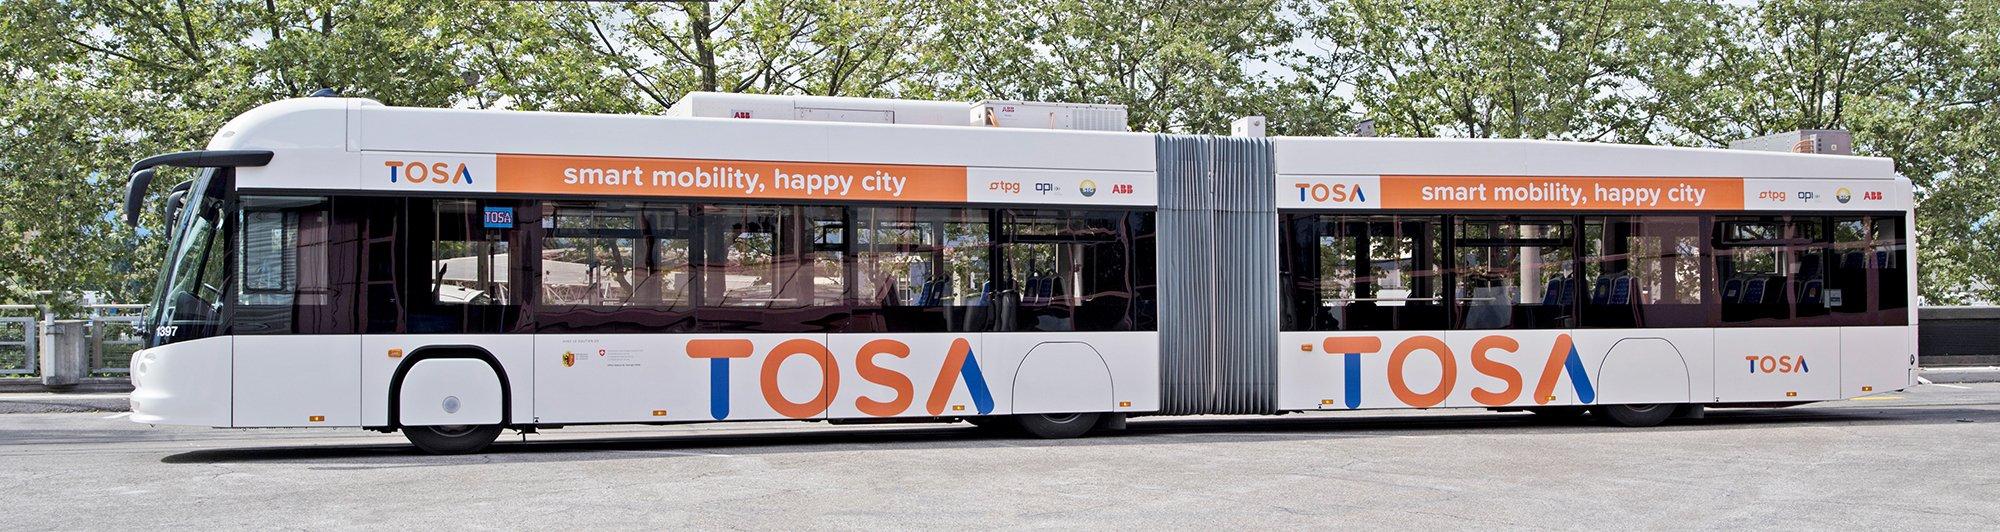 TOSA-Bus: Bis 2018 sollen die Dieselbusse, die auf der Linie 23 in Genf zwischen Flughafen und Vororten verkehren, komplett durch zwölf Elektrobusse mit dem Schnell-Ladesystem TOSA (Trolleybus Optimisation Système Alimentation) ersetzt werden.